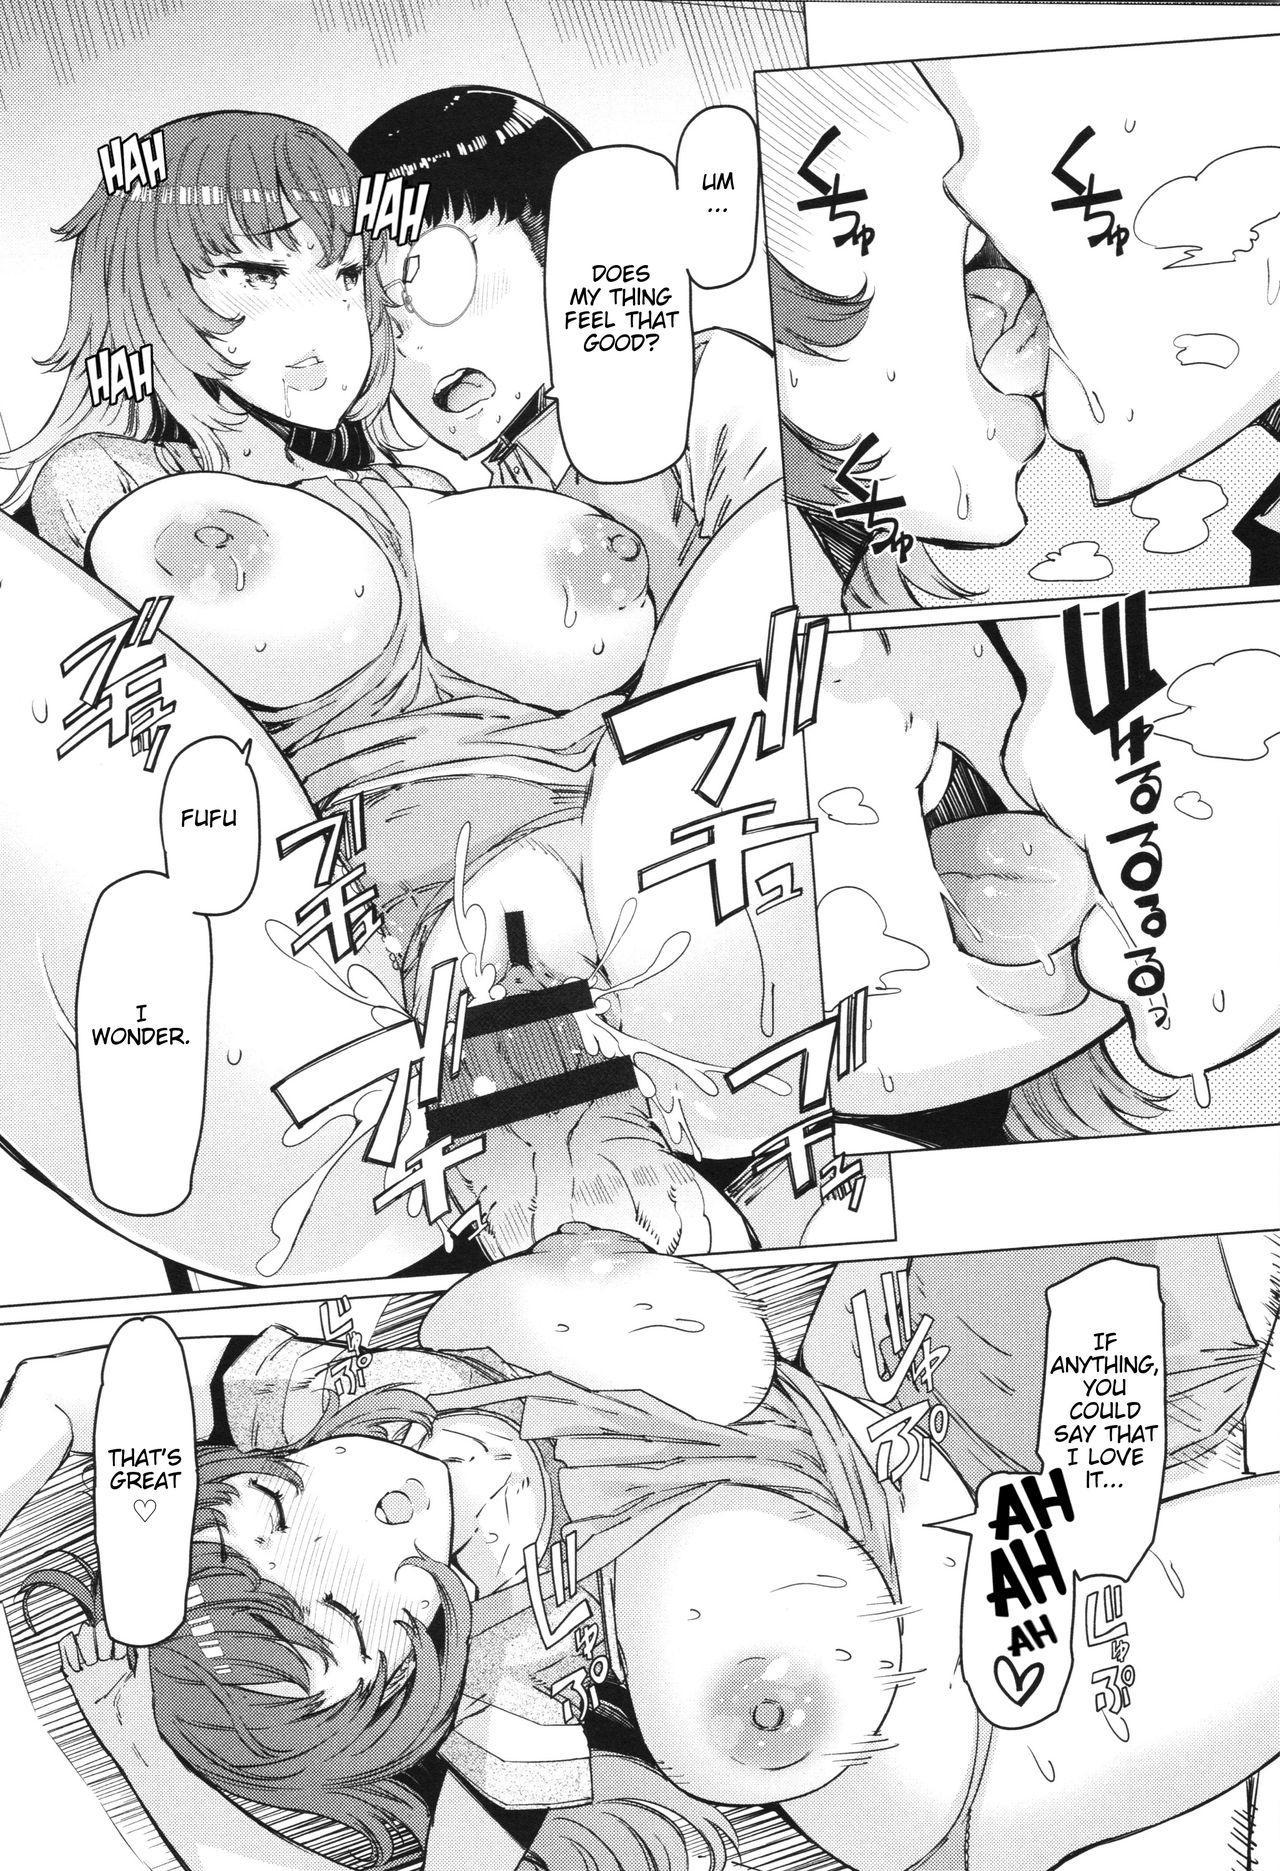 [EBA] Onegai! Baito-kun   Please! Part-timer-kun (Hitozuma ga Ero Sugite Shigoto ni Naranai!) [English] [Nisor] 13